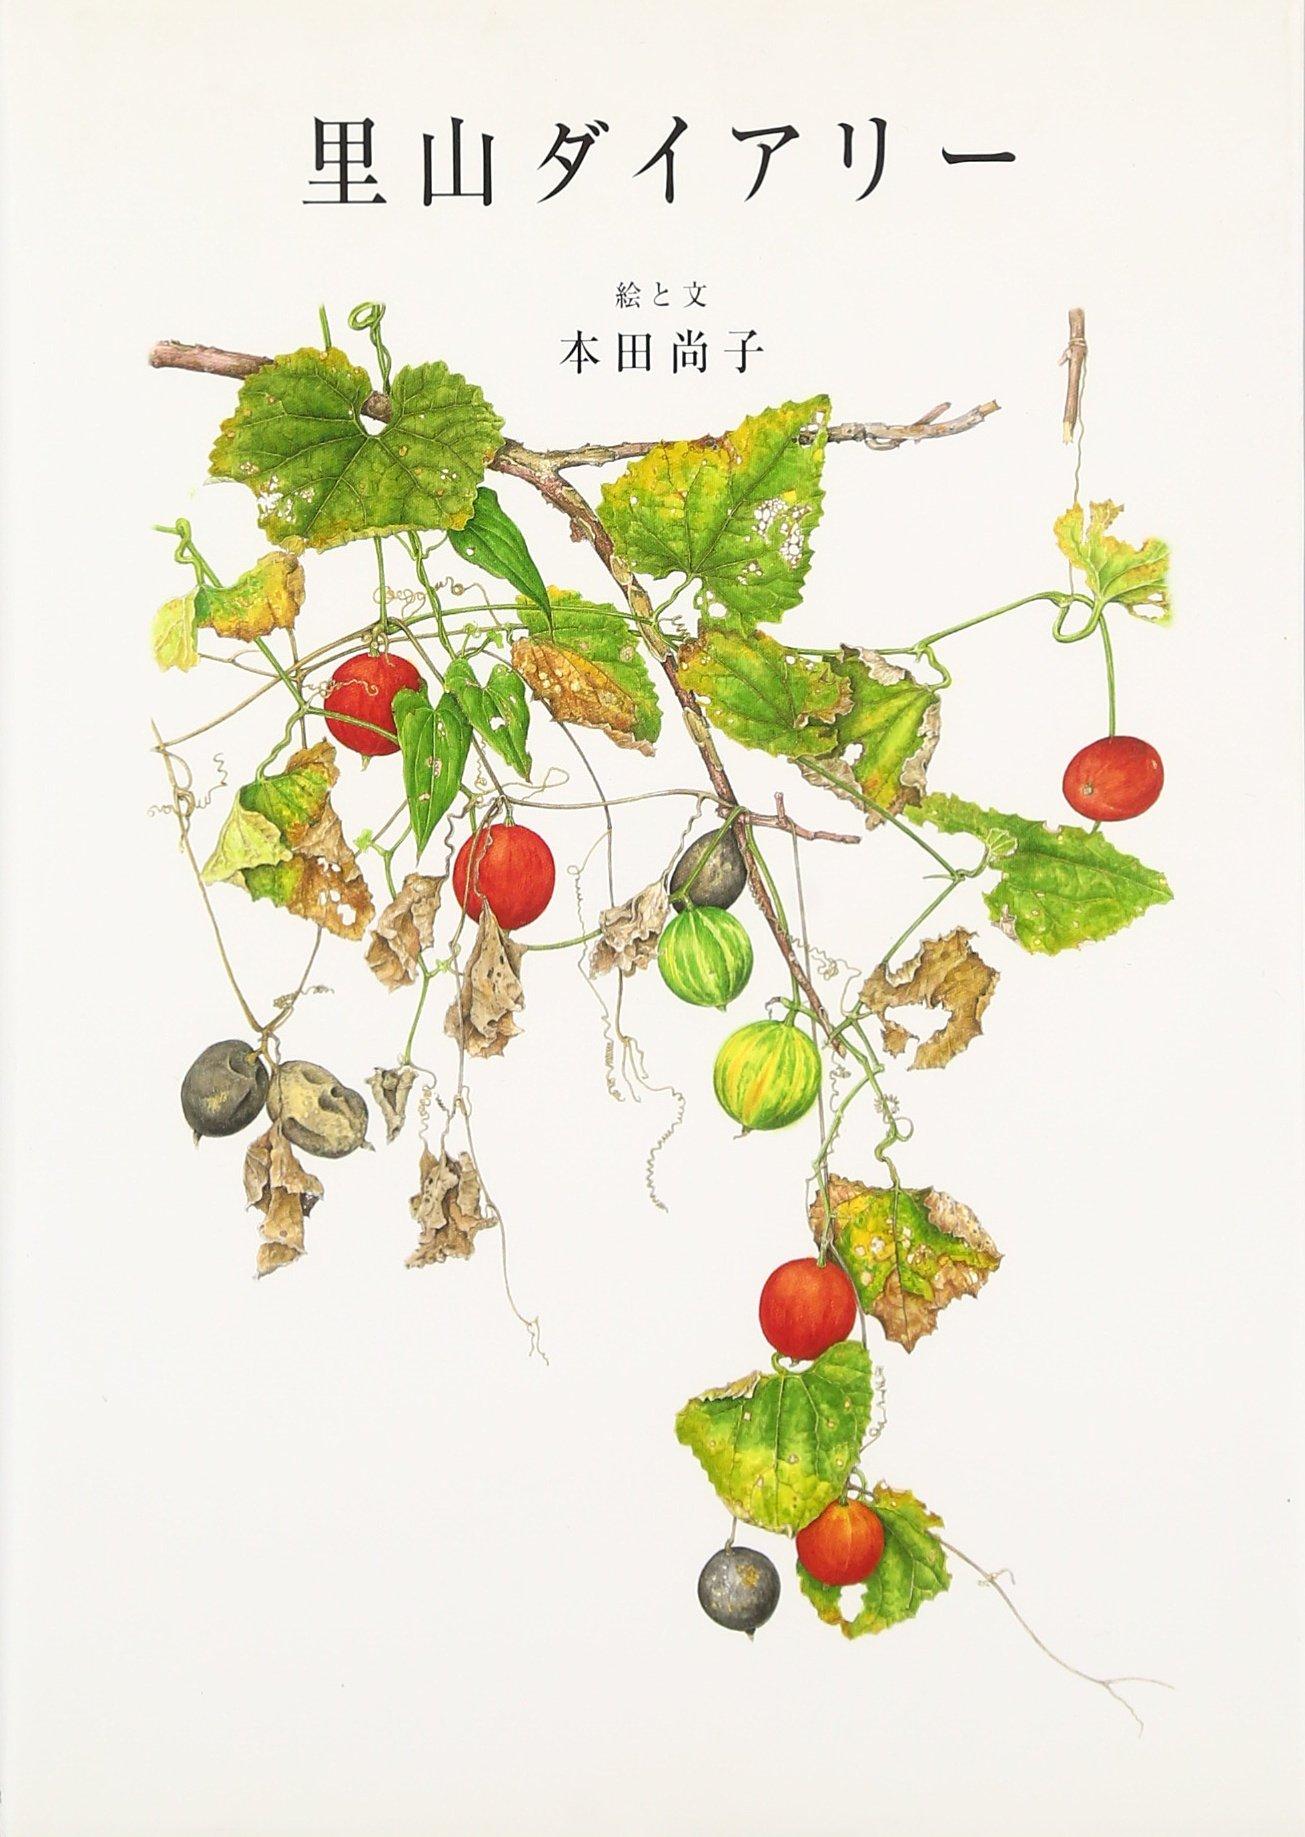 里山ダイアリー | 本田 尚子 |本 | 通販 | Amazon